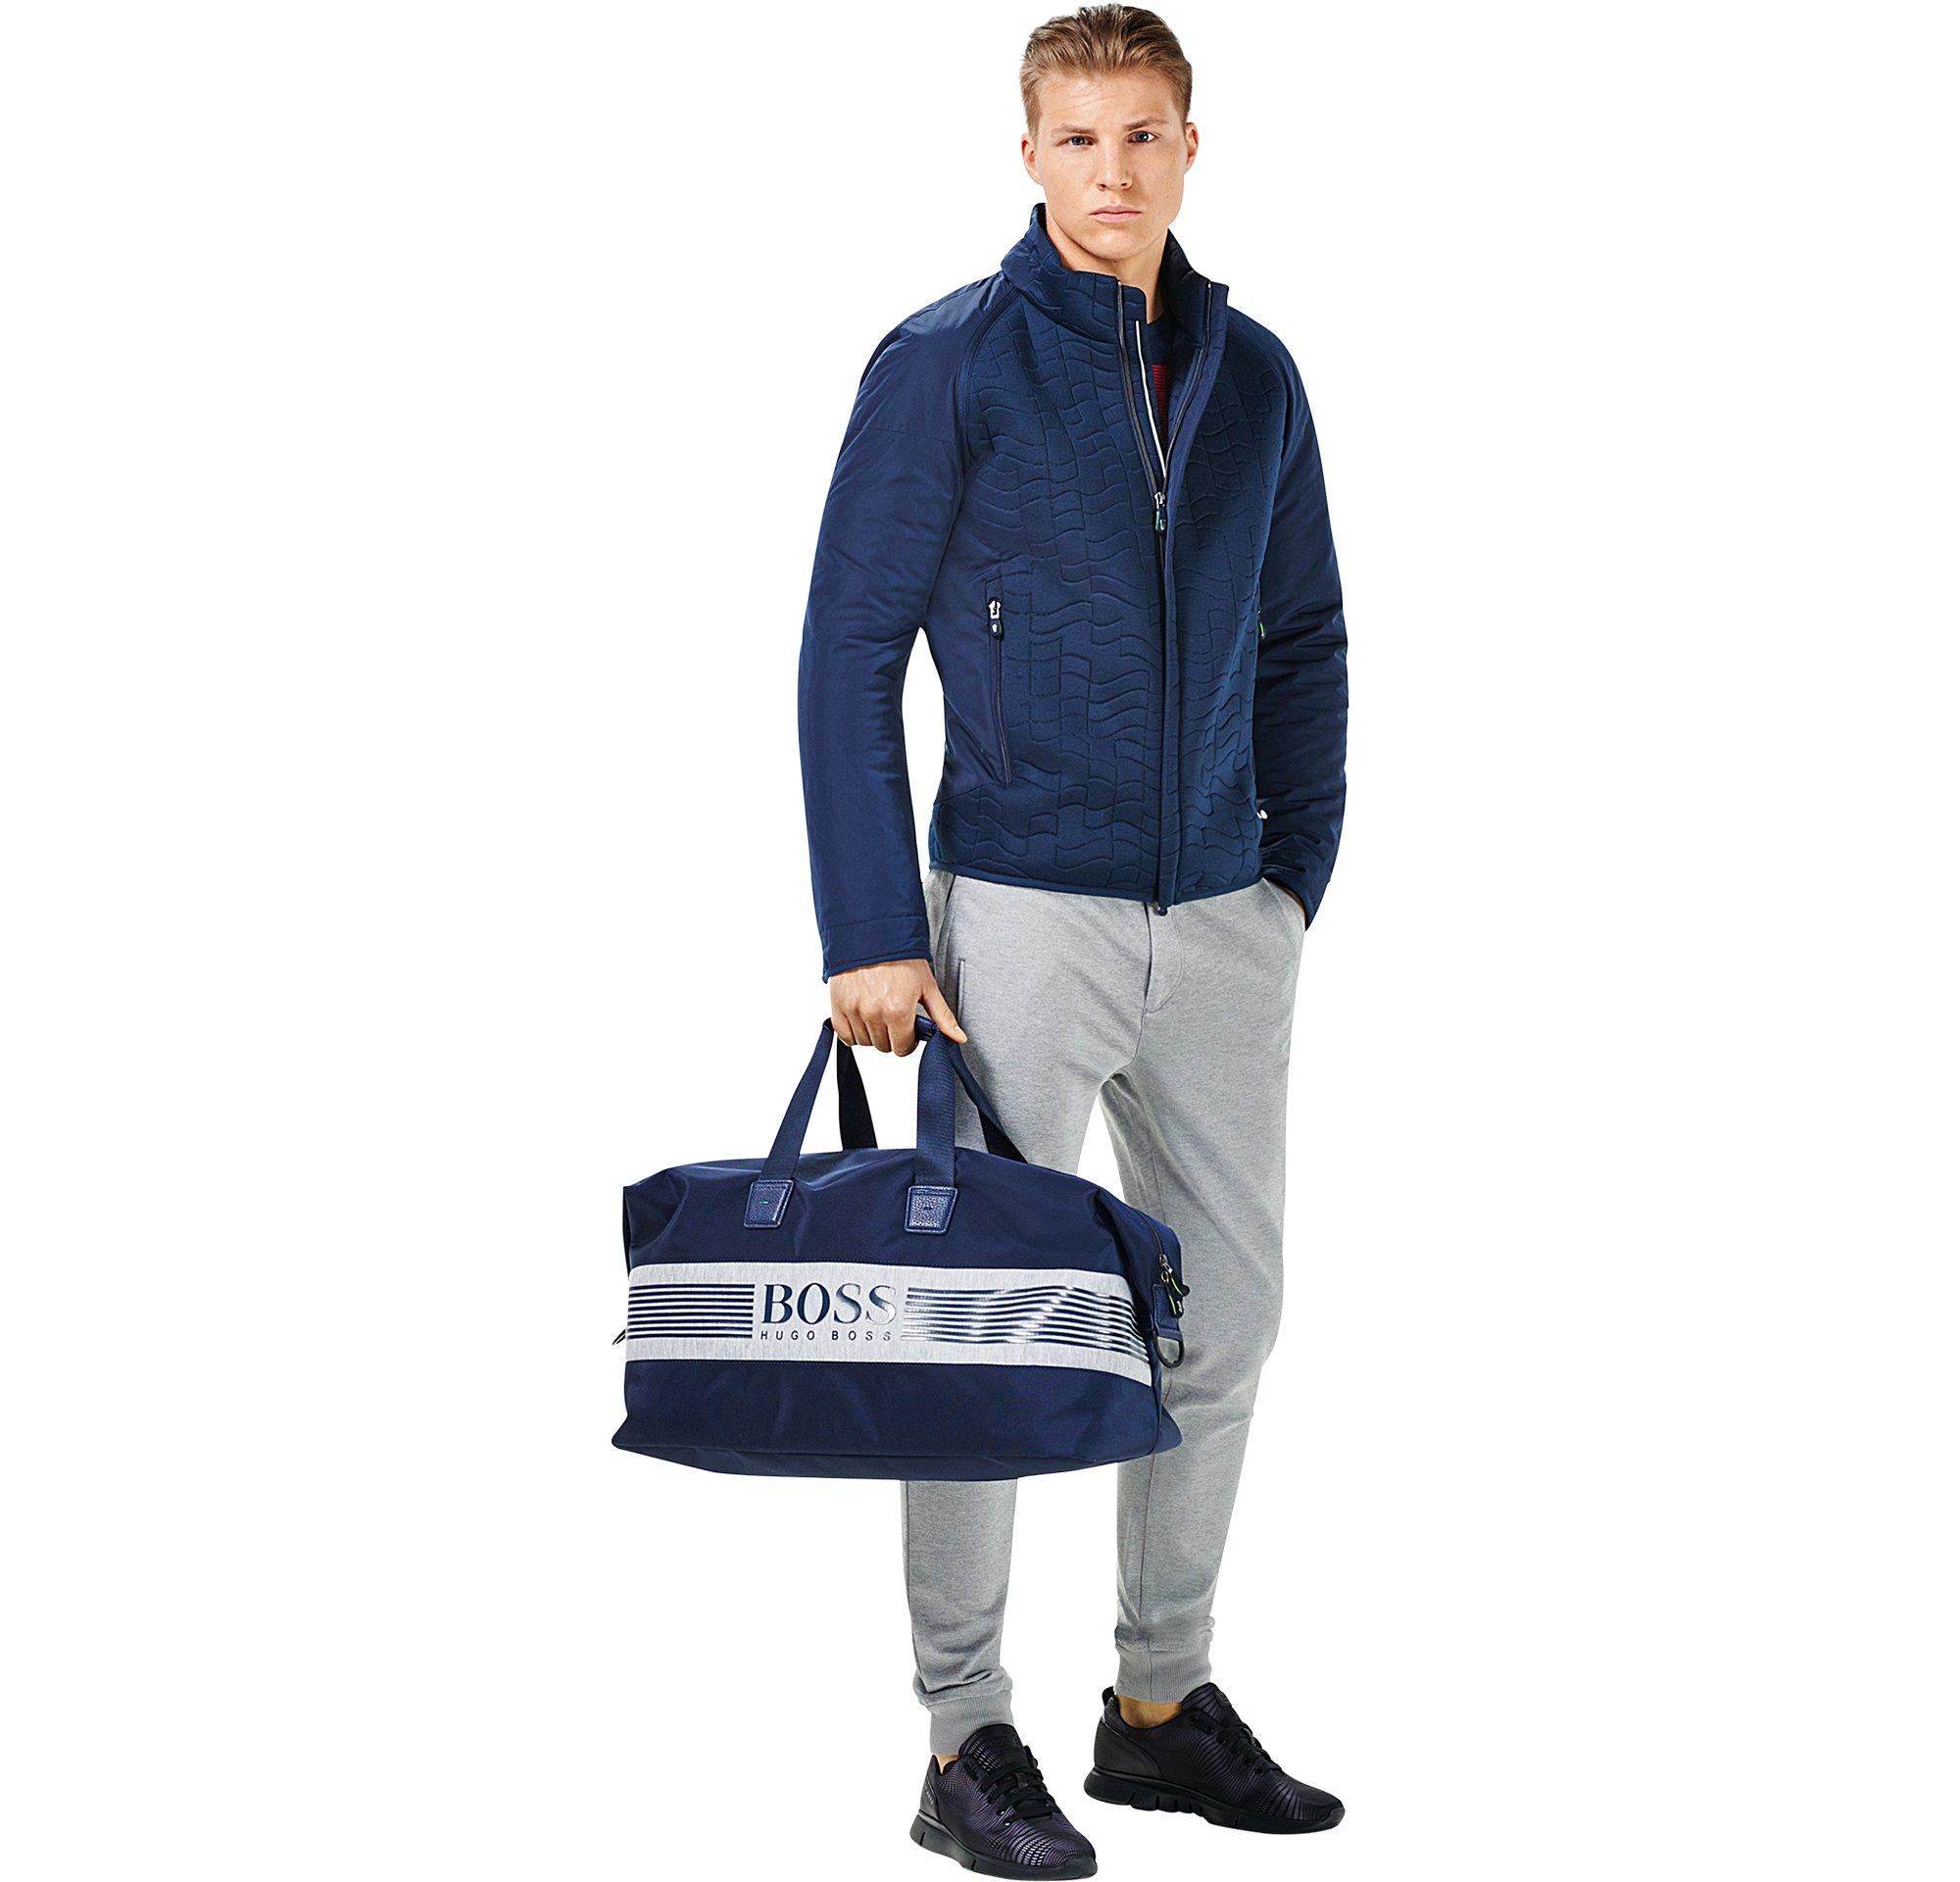 Outerwear, gebreide trui, broek, schoenen en tas van BOSS Green Menswear